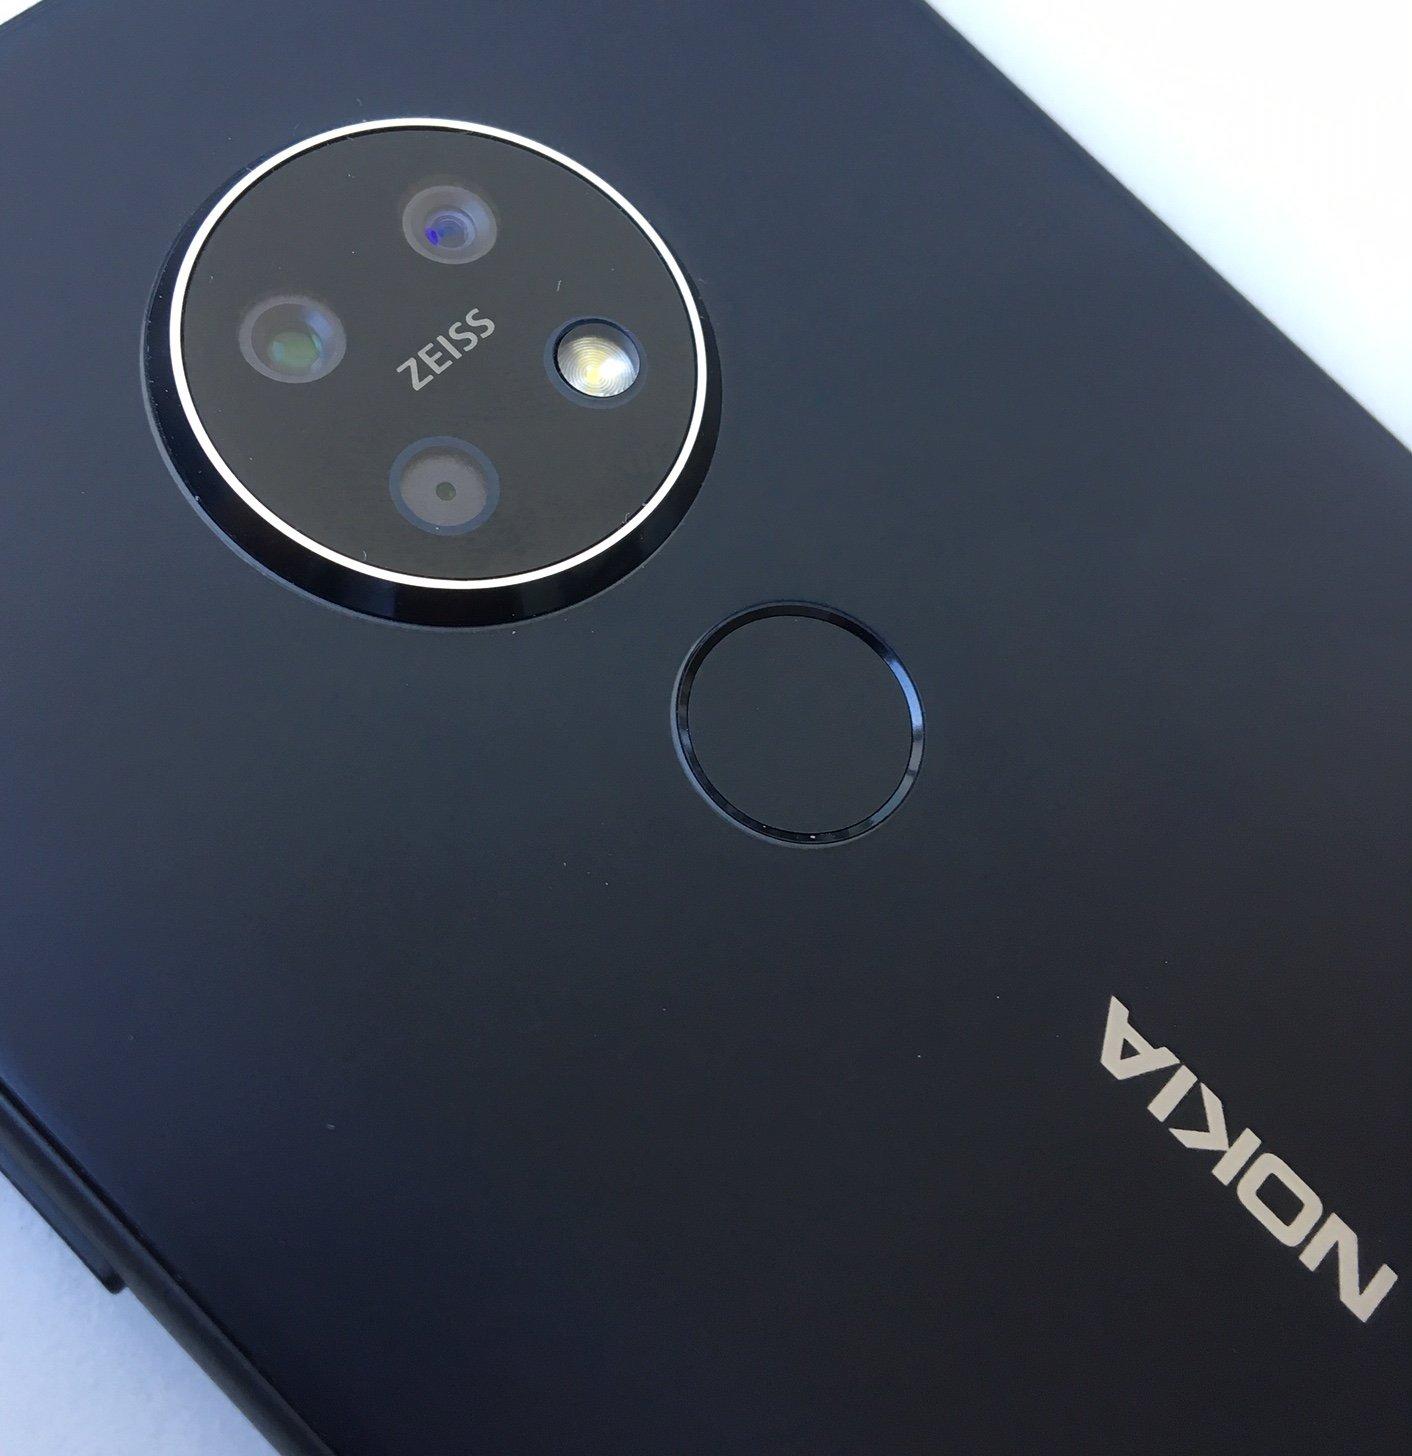 Nokia 7.2 kiedy premiera plotki zdjęcia przecieki wycieki specyfikacja techniczna HMD Global ZEISS